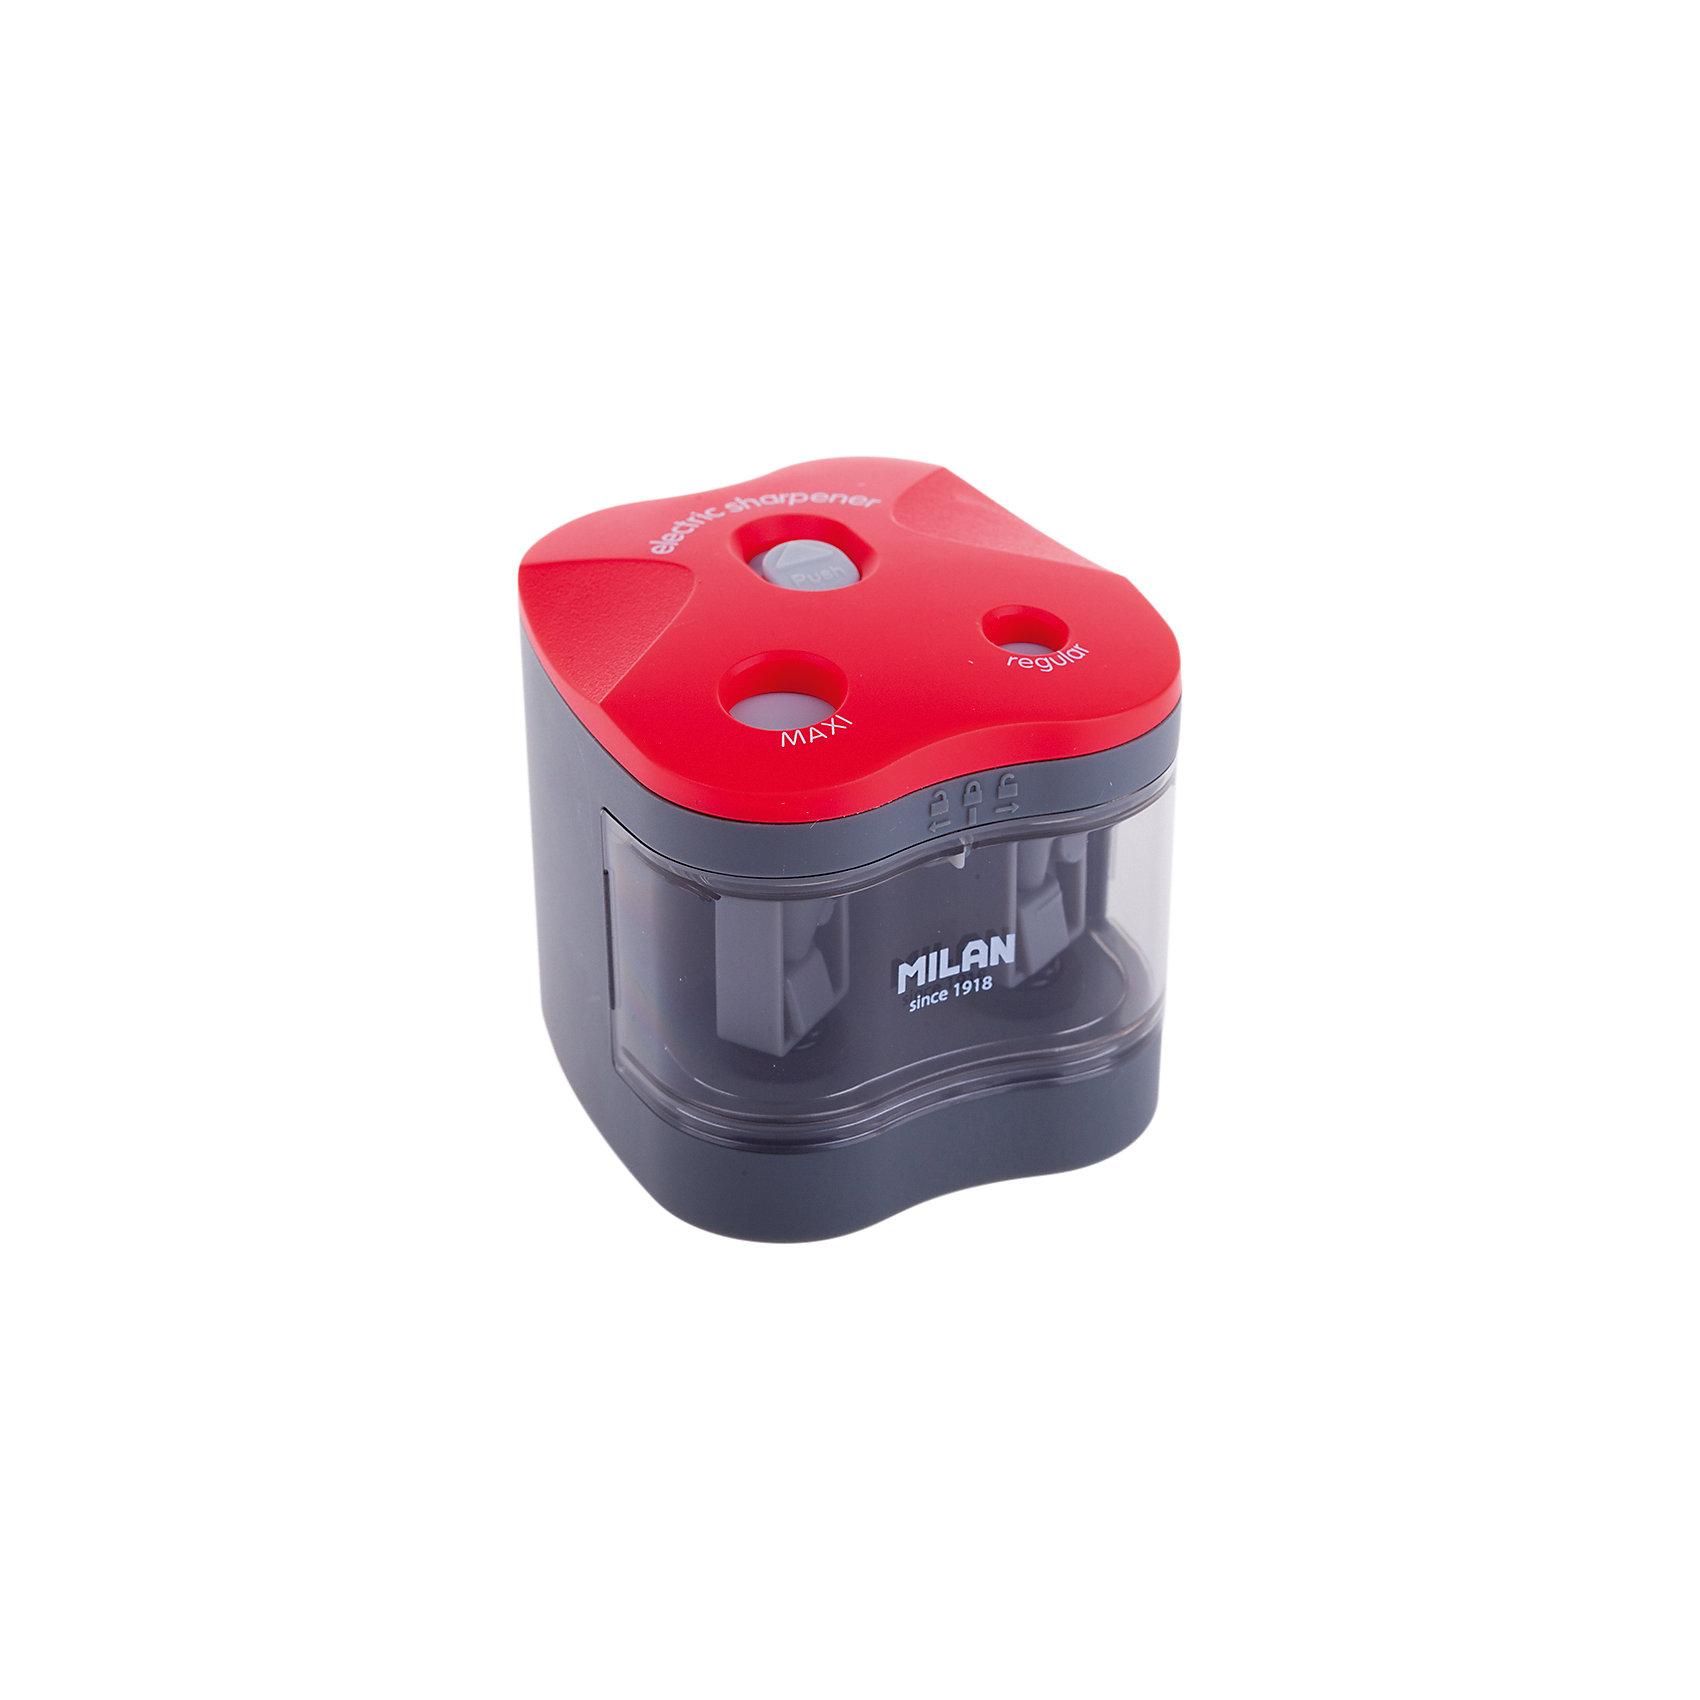 Точилка электрическая Maxi - Regular Milan, 2 отверстияКанцтовары для первоклассников<br>Кол-во отверстий для заточки: 2<br>Размер: 66*64*63<br>Материал корпуса: пластик<br>Питание: 4 батарейки АА<br>Комплектация элементами питания: да<br>Контейнер для стружки: есть<br>Цвет корпуса: серый/красный<br>Диаметр отверстия: 12/8<br>Упаковка ед. товара: блистер<br>Наличие штрихкода на ед. товара: есть<br>Электрическая точилка MILAN. Лезвия острые и устойчивые к повреждению. Точилка идеально подходит для графитовых и цветных карандашей. Съемная передняя крышка для обеспечения утилизации стружки. В блистерной упаковке точилка и 4 батарейки 1,5V<br><br>Ширина мм: 240<br>Глубина мм: 110<br>Высота мм: 80<br>Вес г: 267<br>Возраст от месяцев: 84<br>Возраст до месяцев: 2147483647<br>Пол: Унисекс<br>Возраст: Детский<br>SKU: 7044157